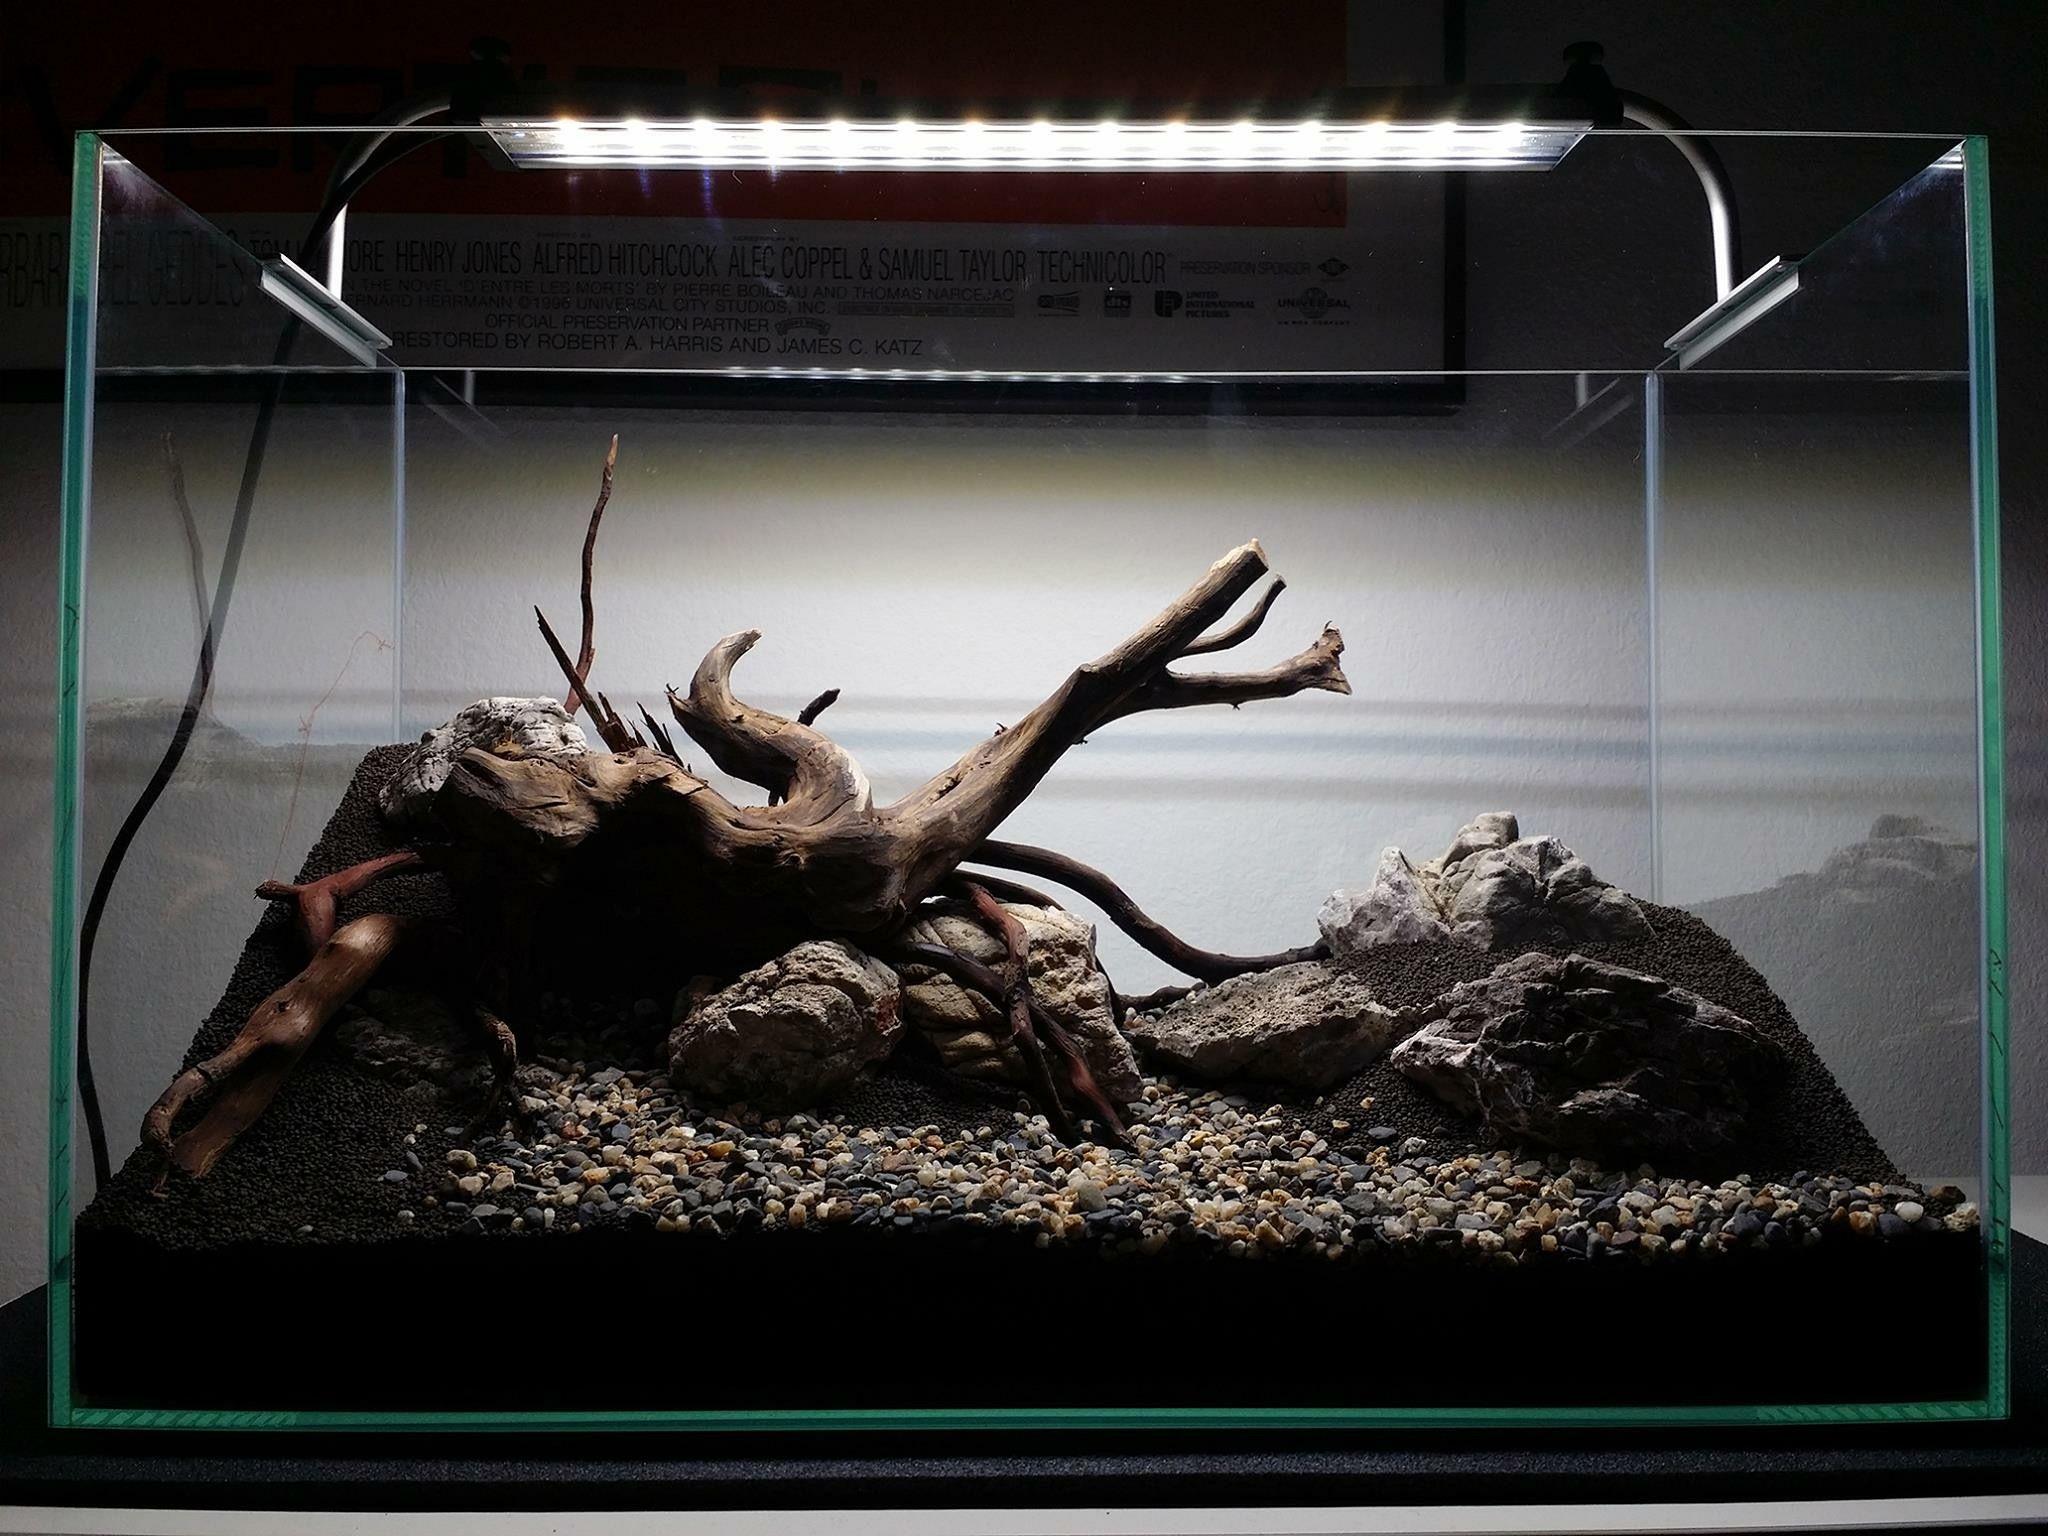 0218d44631ab547d76e5720f47e8189c Incroyable De Aquarium Deco Des Idées